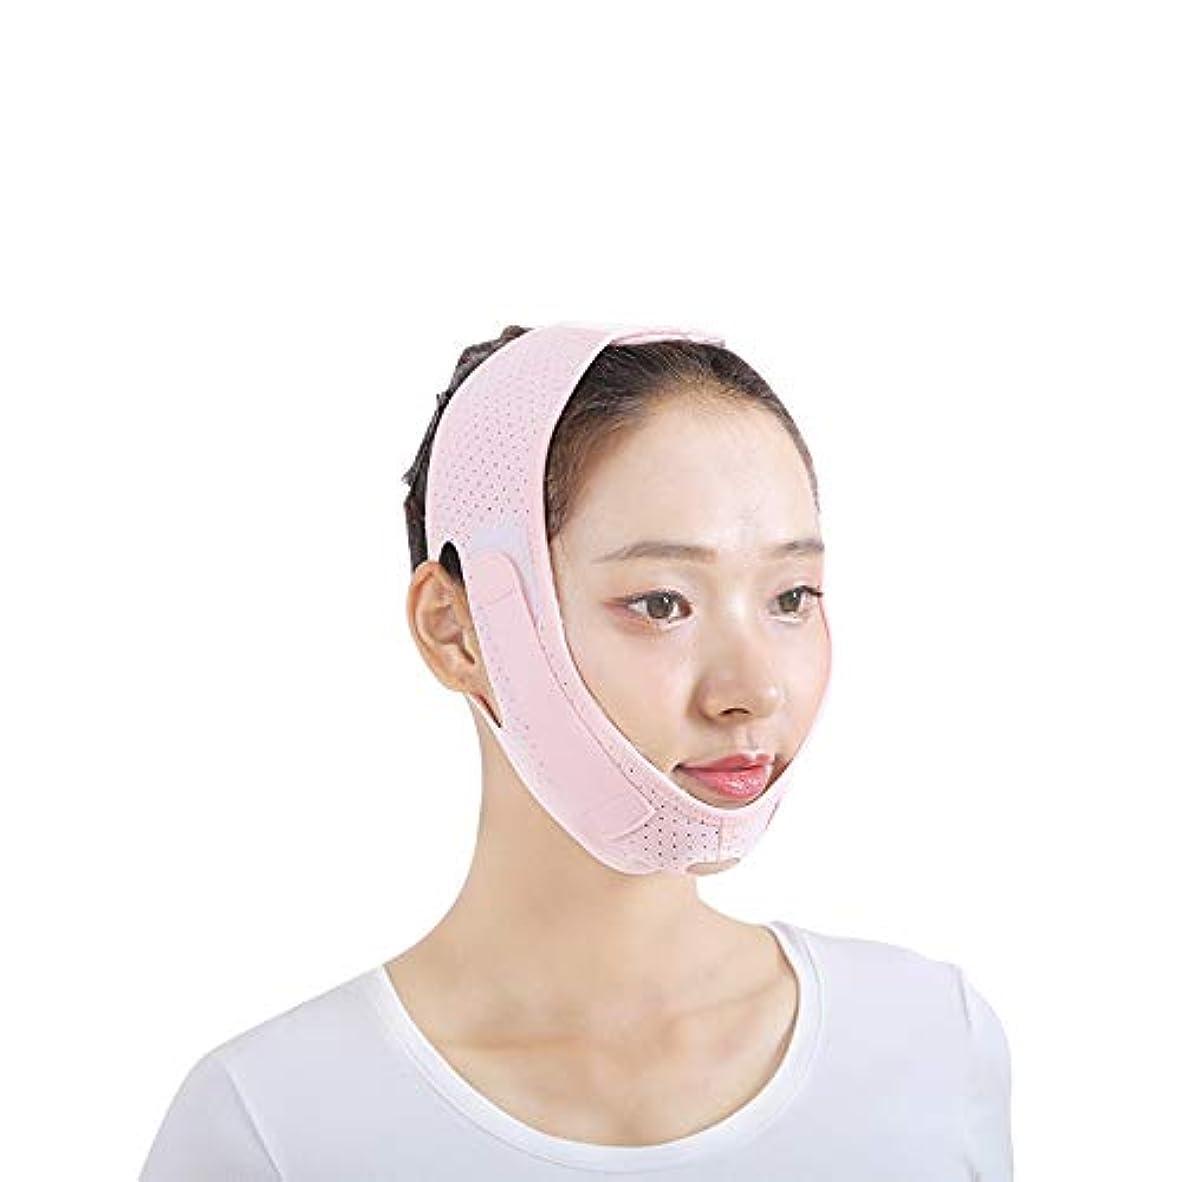 グレートバリアリーフハンマーモード薄い顔ベルト、睡眠は咬筋リフティングマスクリフティングファーミング?フェイシャルリンクルダブルチンリデューサーフェイスリフティングアーティファクトVフェイスマスク (Color : A)